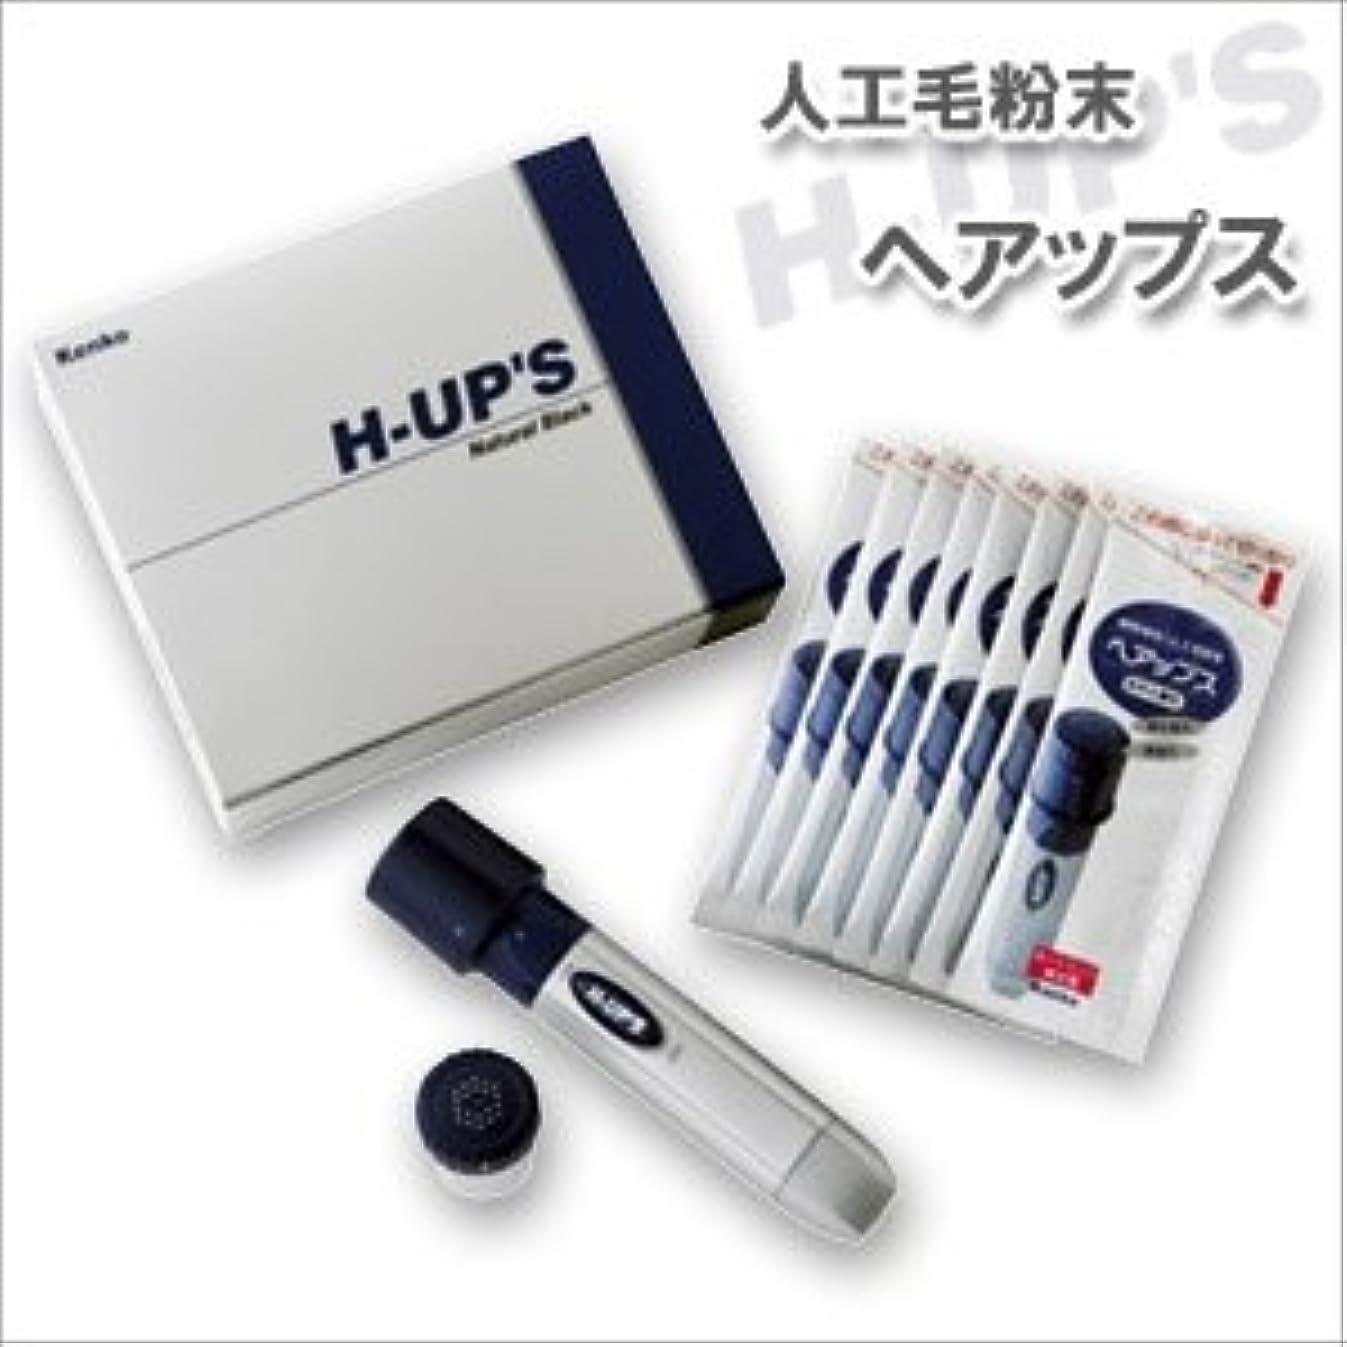 辛なミンチ失礼H-UP S ヘアップス 電動散布器本体 プラス 補充用カートリッジ 頭皮薄毛カバー粉末 ブラック